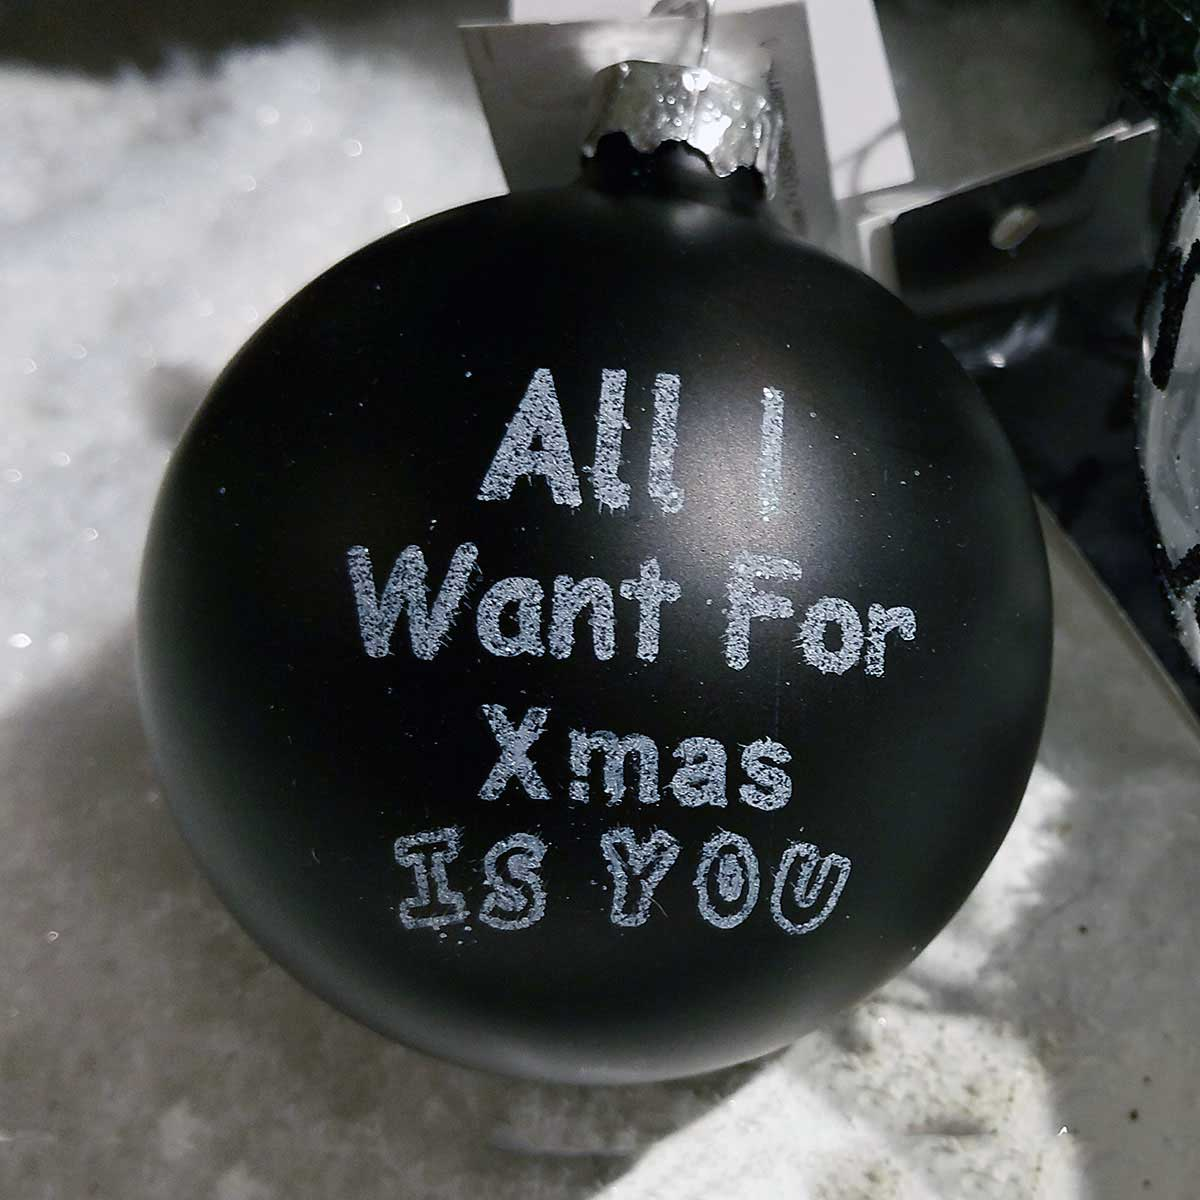 Weihnachtskugeln schwarz online bestellen sch n anders for Weihnachtsbaumkugeln schwarz